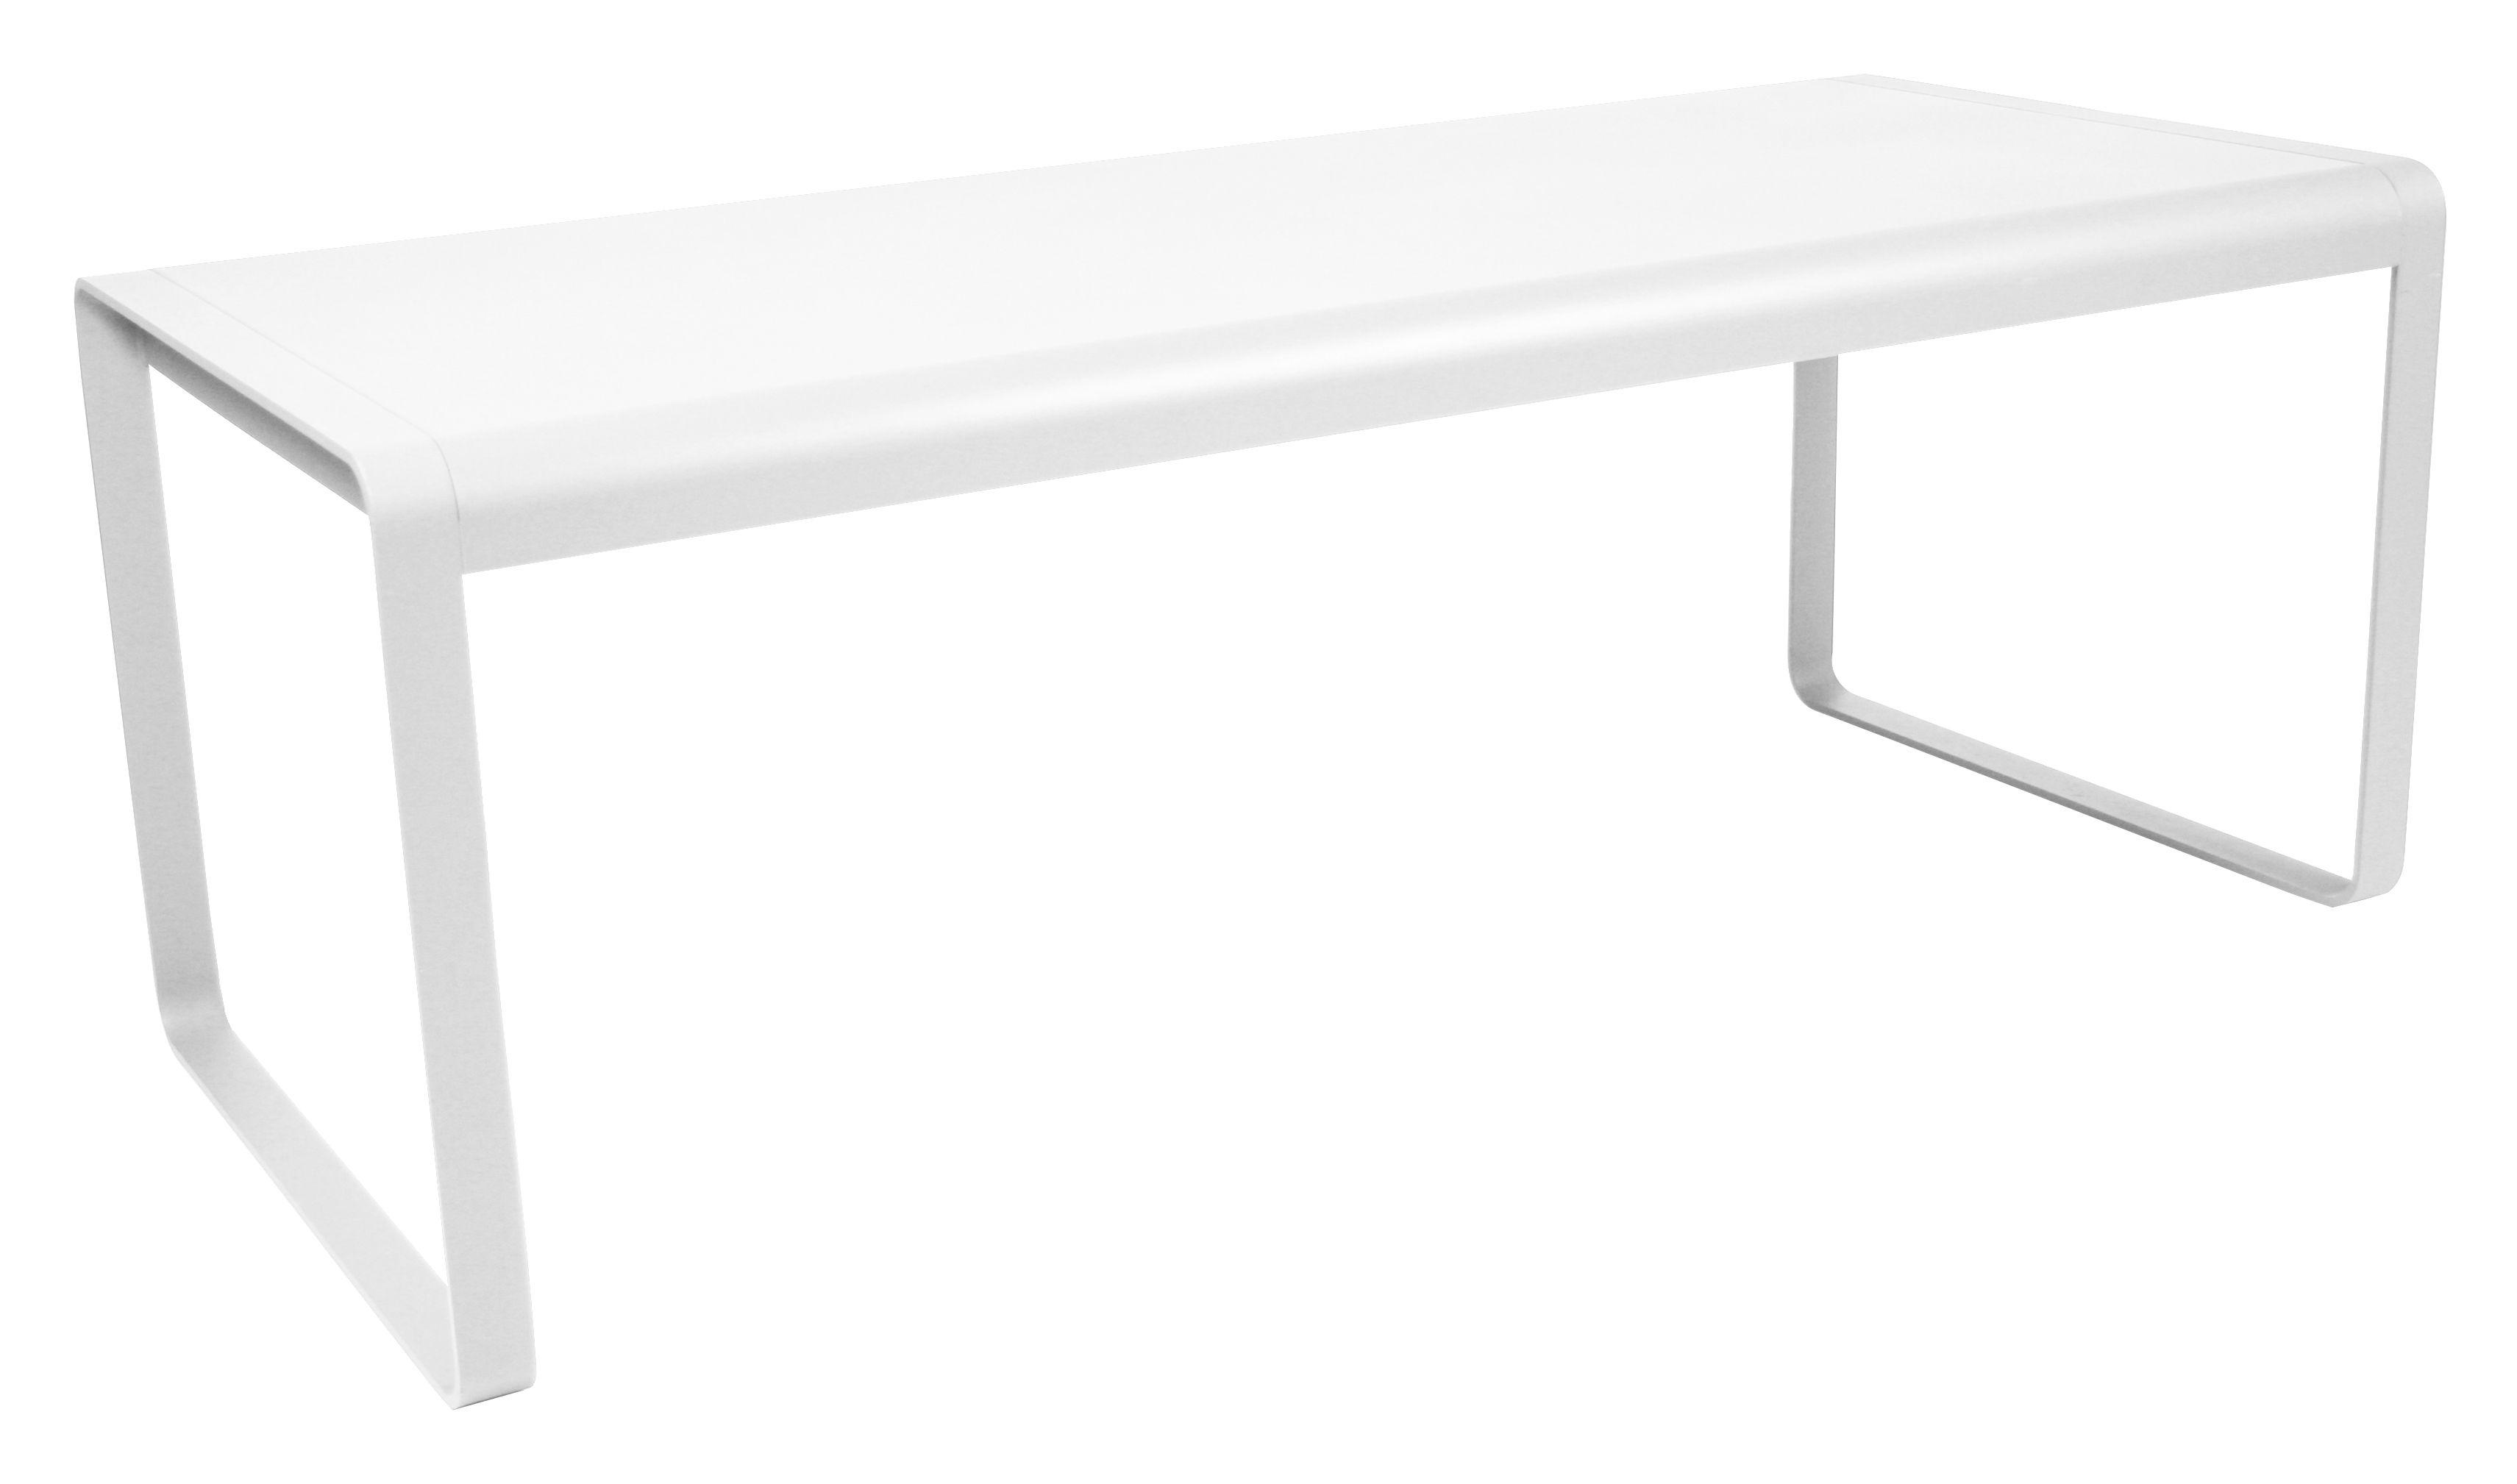 Outdoor - Tische - Bellevie rechteckiger Tisch L 196 cm - Für 8 bis 10 Personen - Fermob - Weiß - Aluminium, Stahl